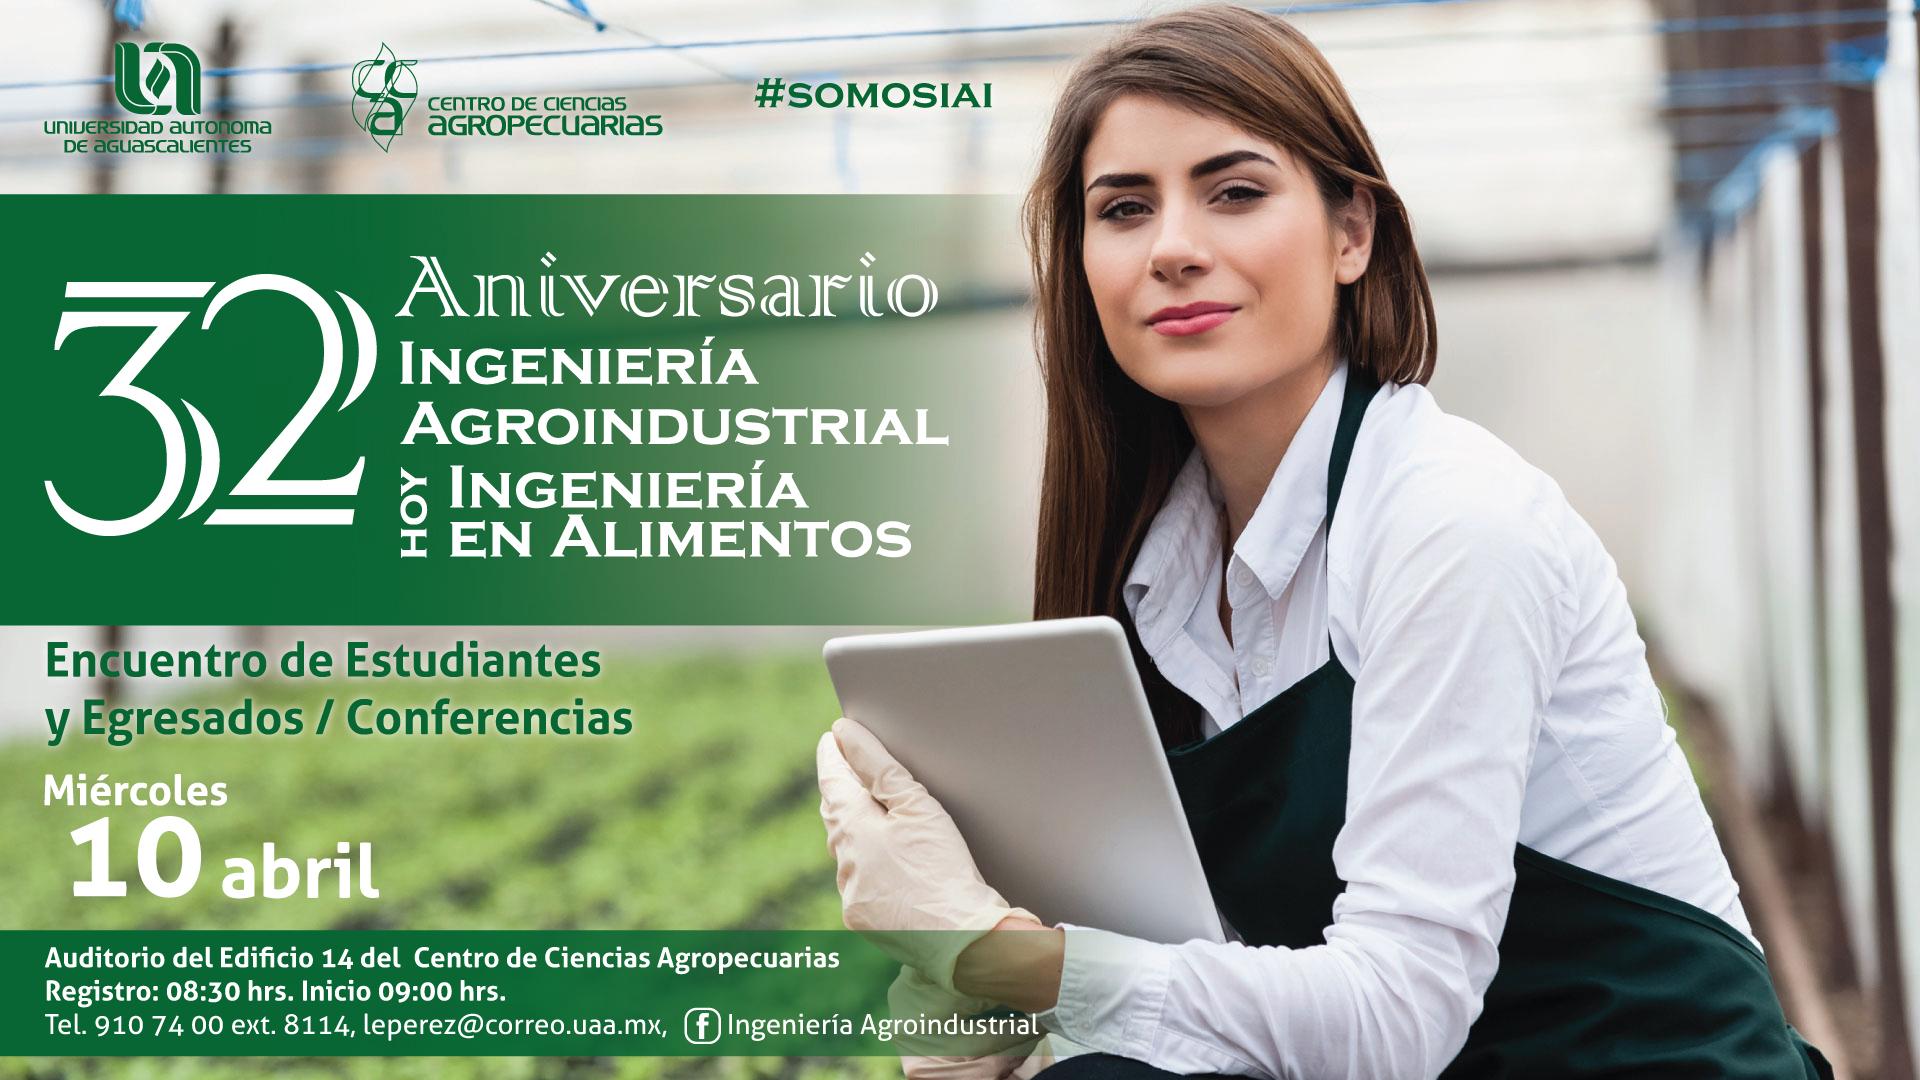 32 Aniversario – Ingeniería Agroindustrial Hoy Ingeniería en Alimentos